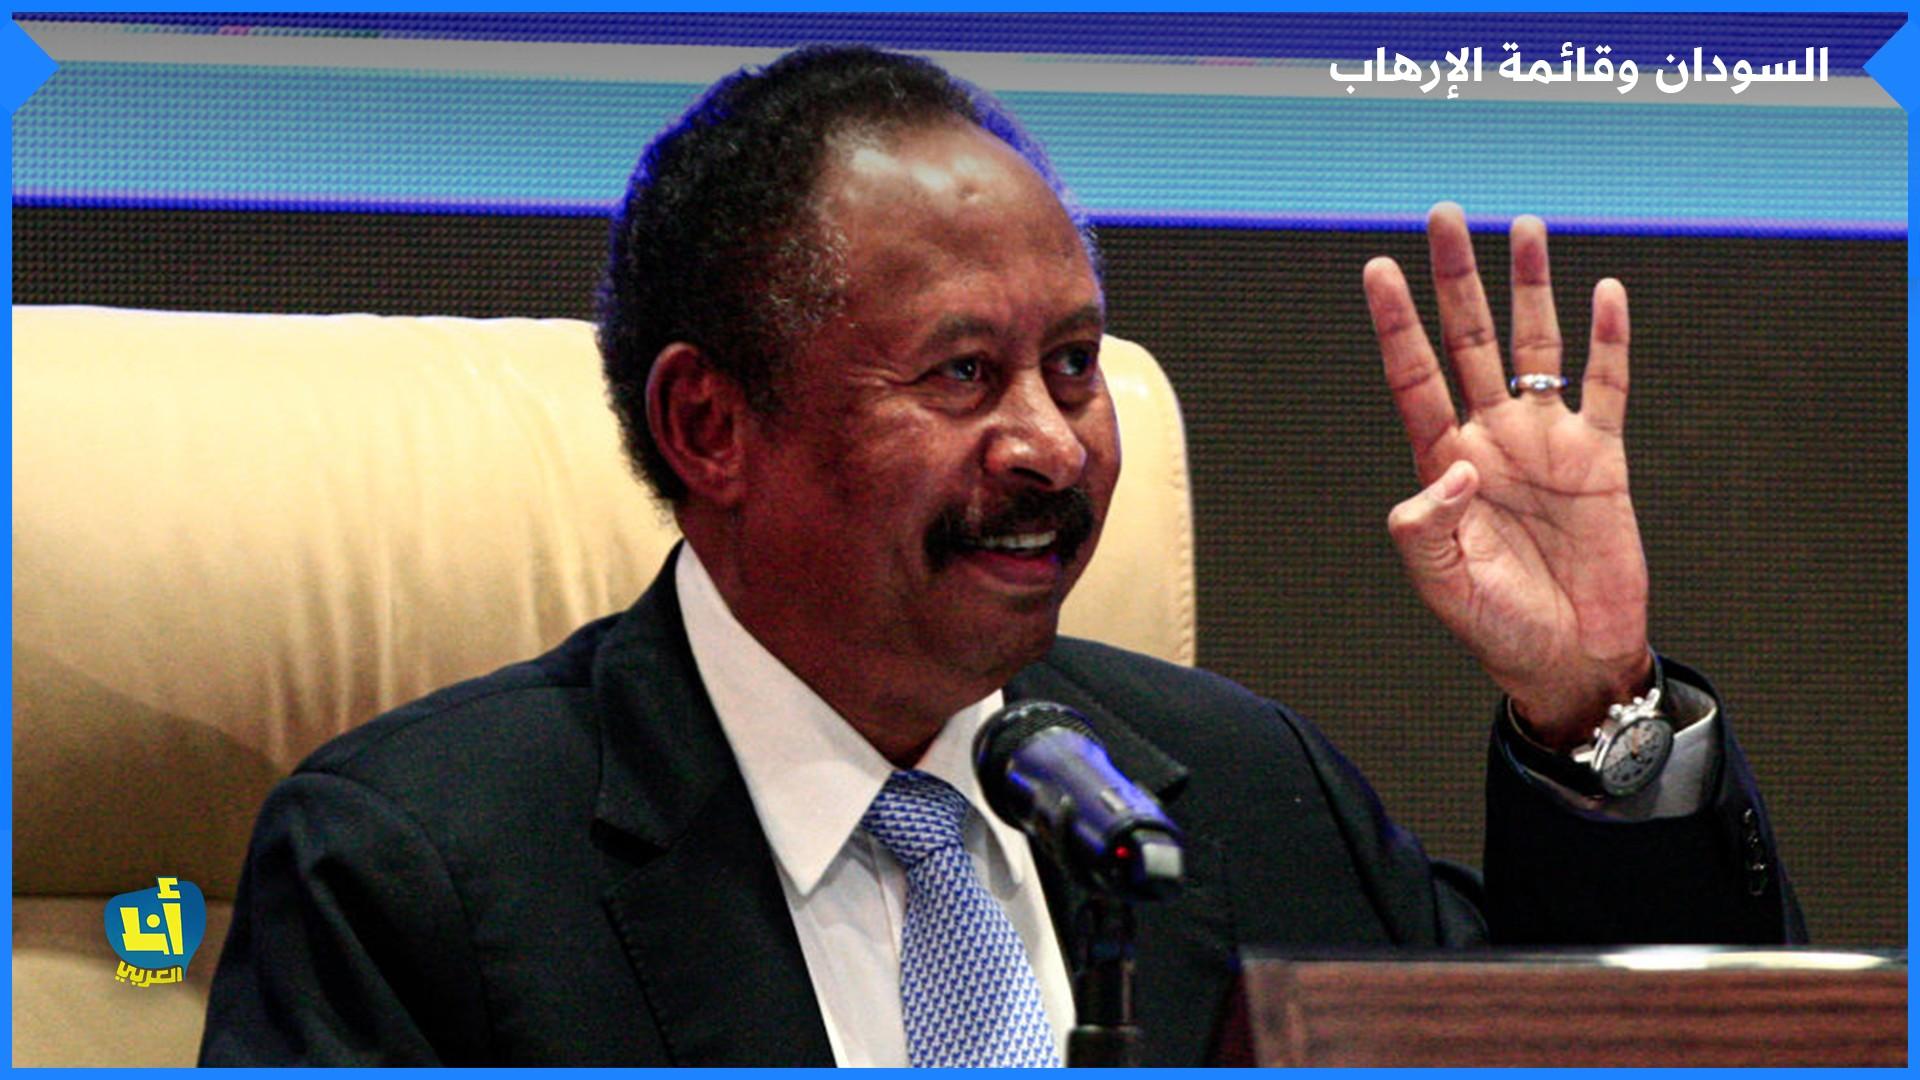 السودان وقائمة الإرهاب